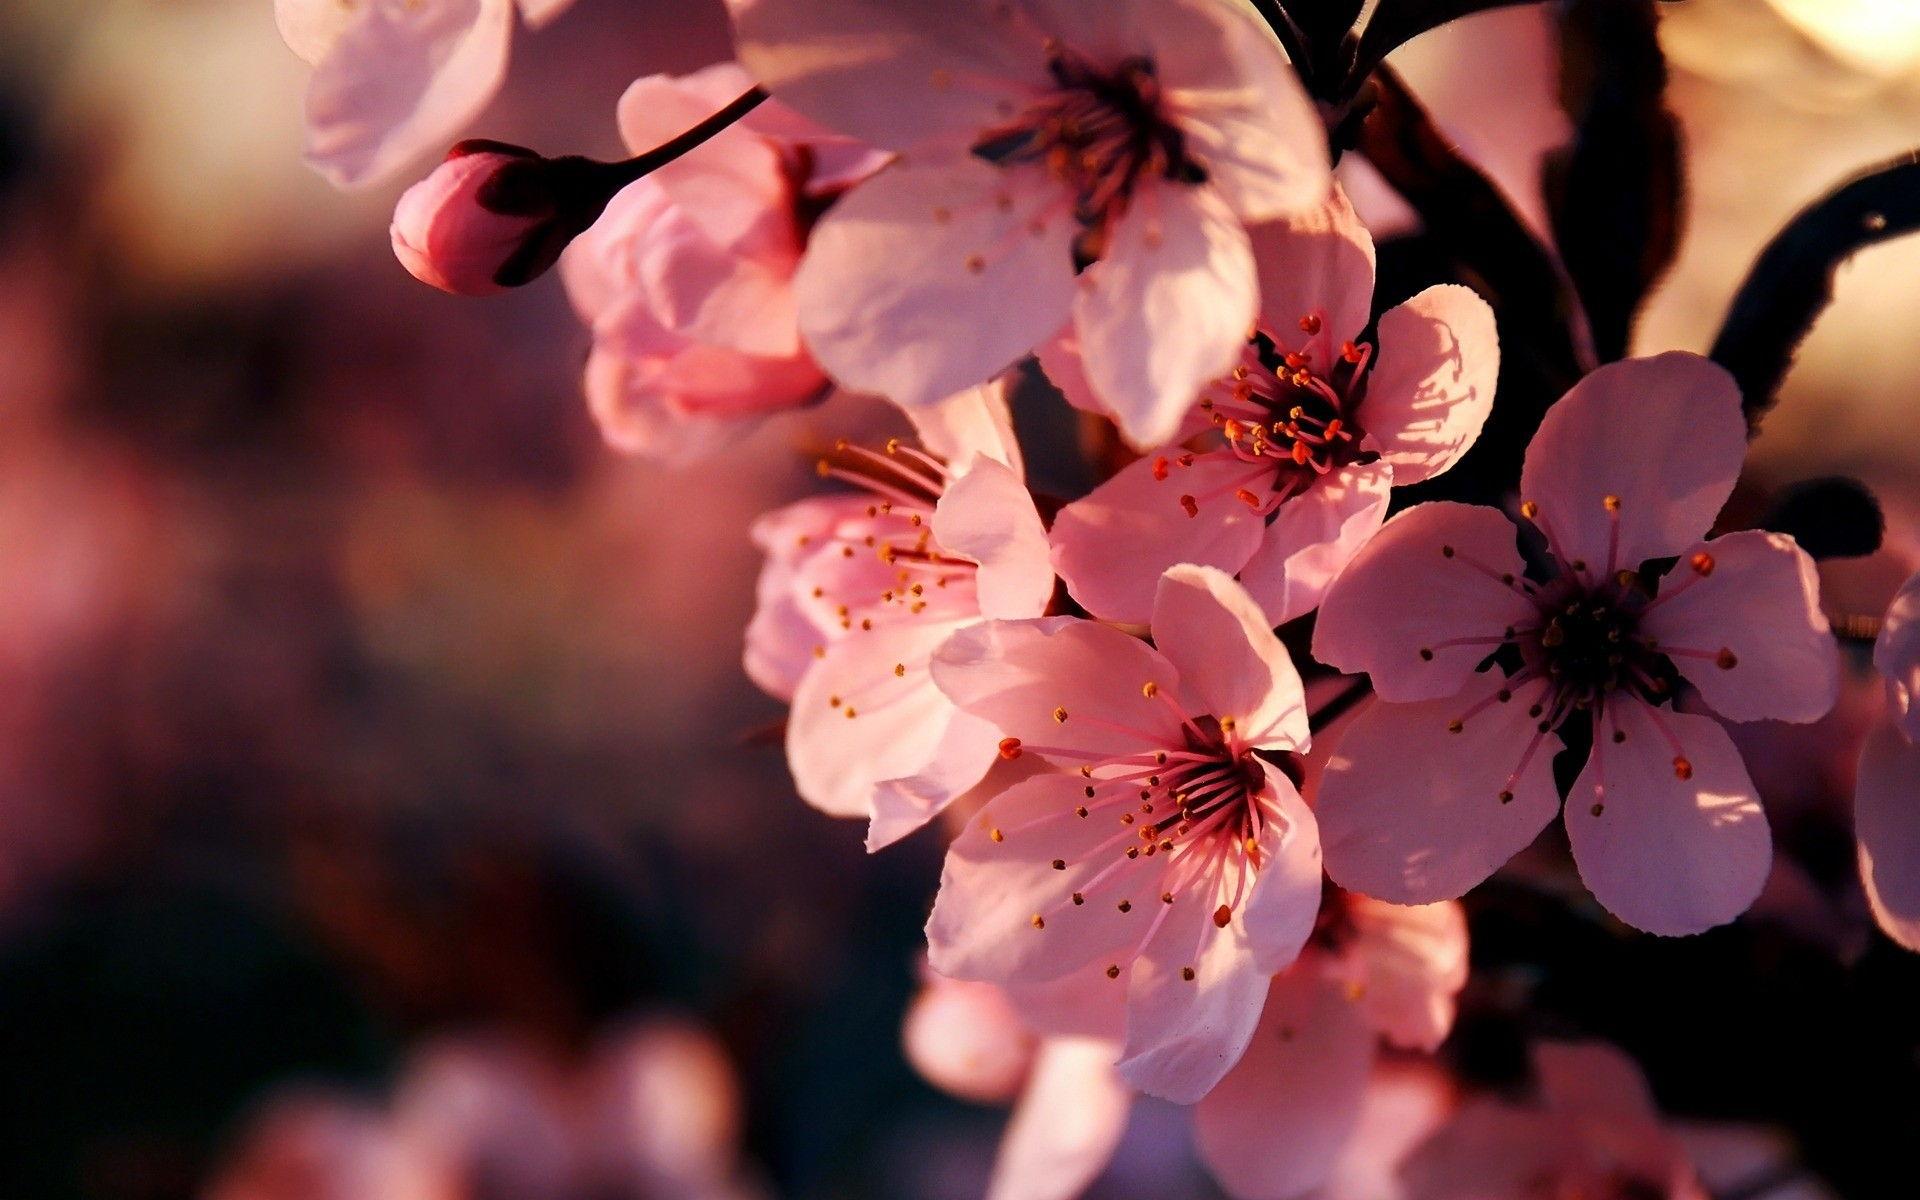 3d Hd Wallpapers Flowers Rose Pink Flowers Wallpapers Hd Pixelstalk Net